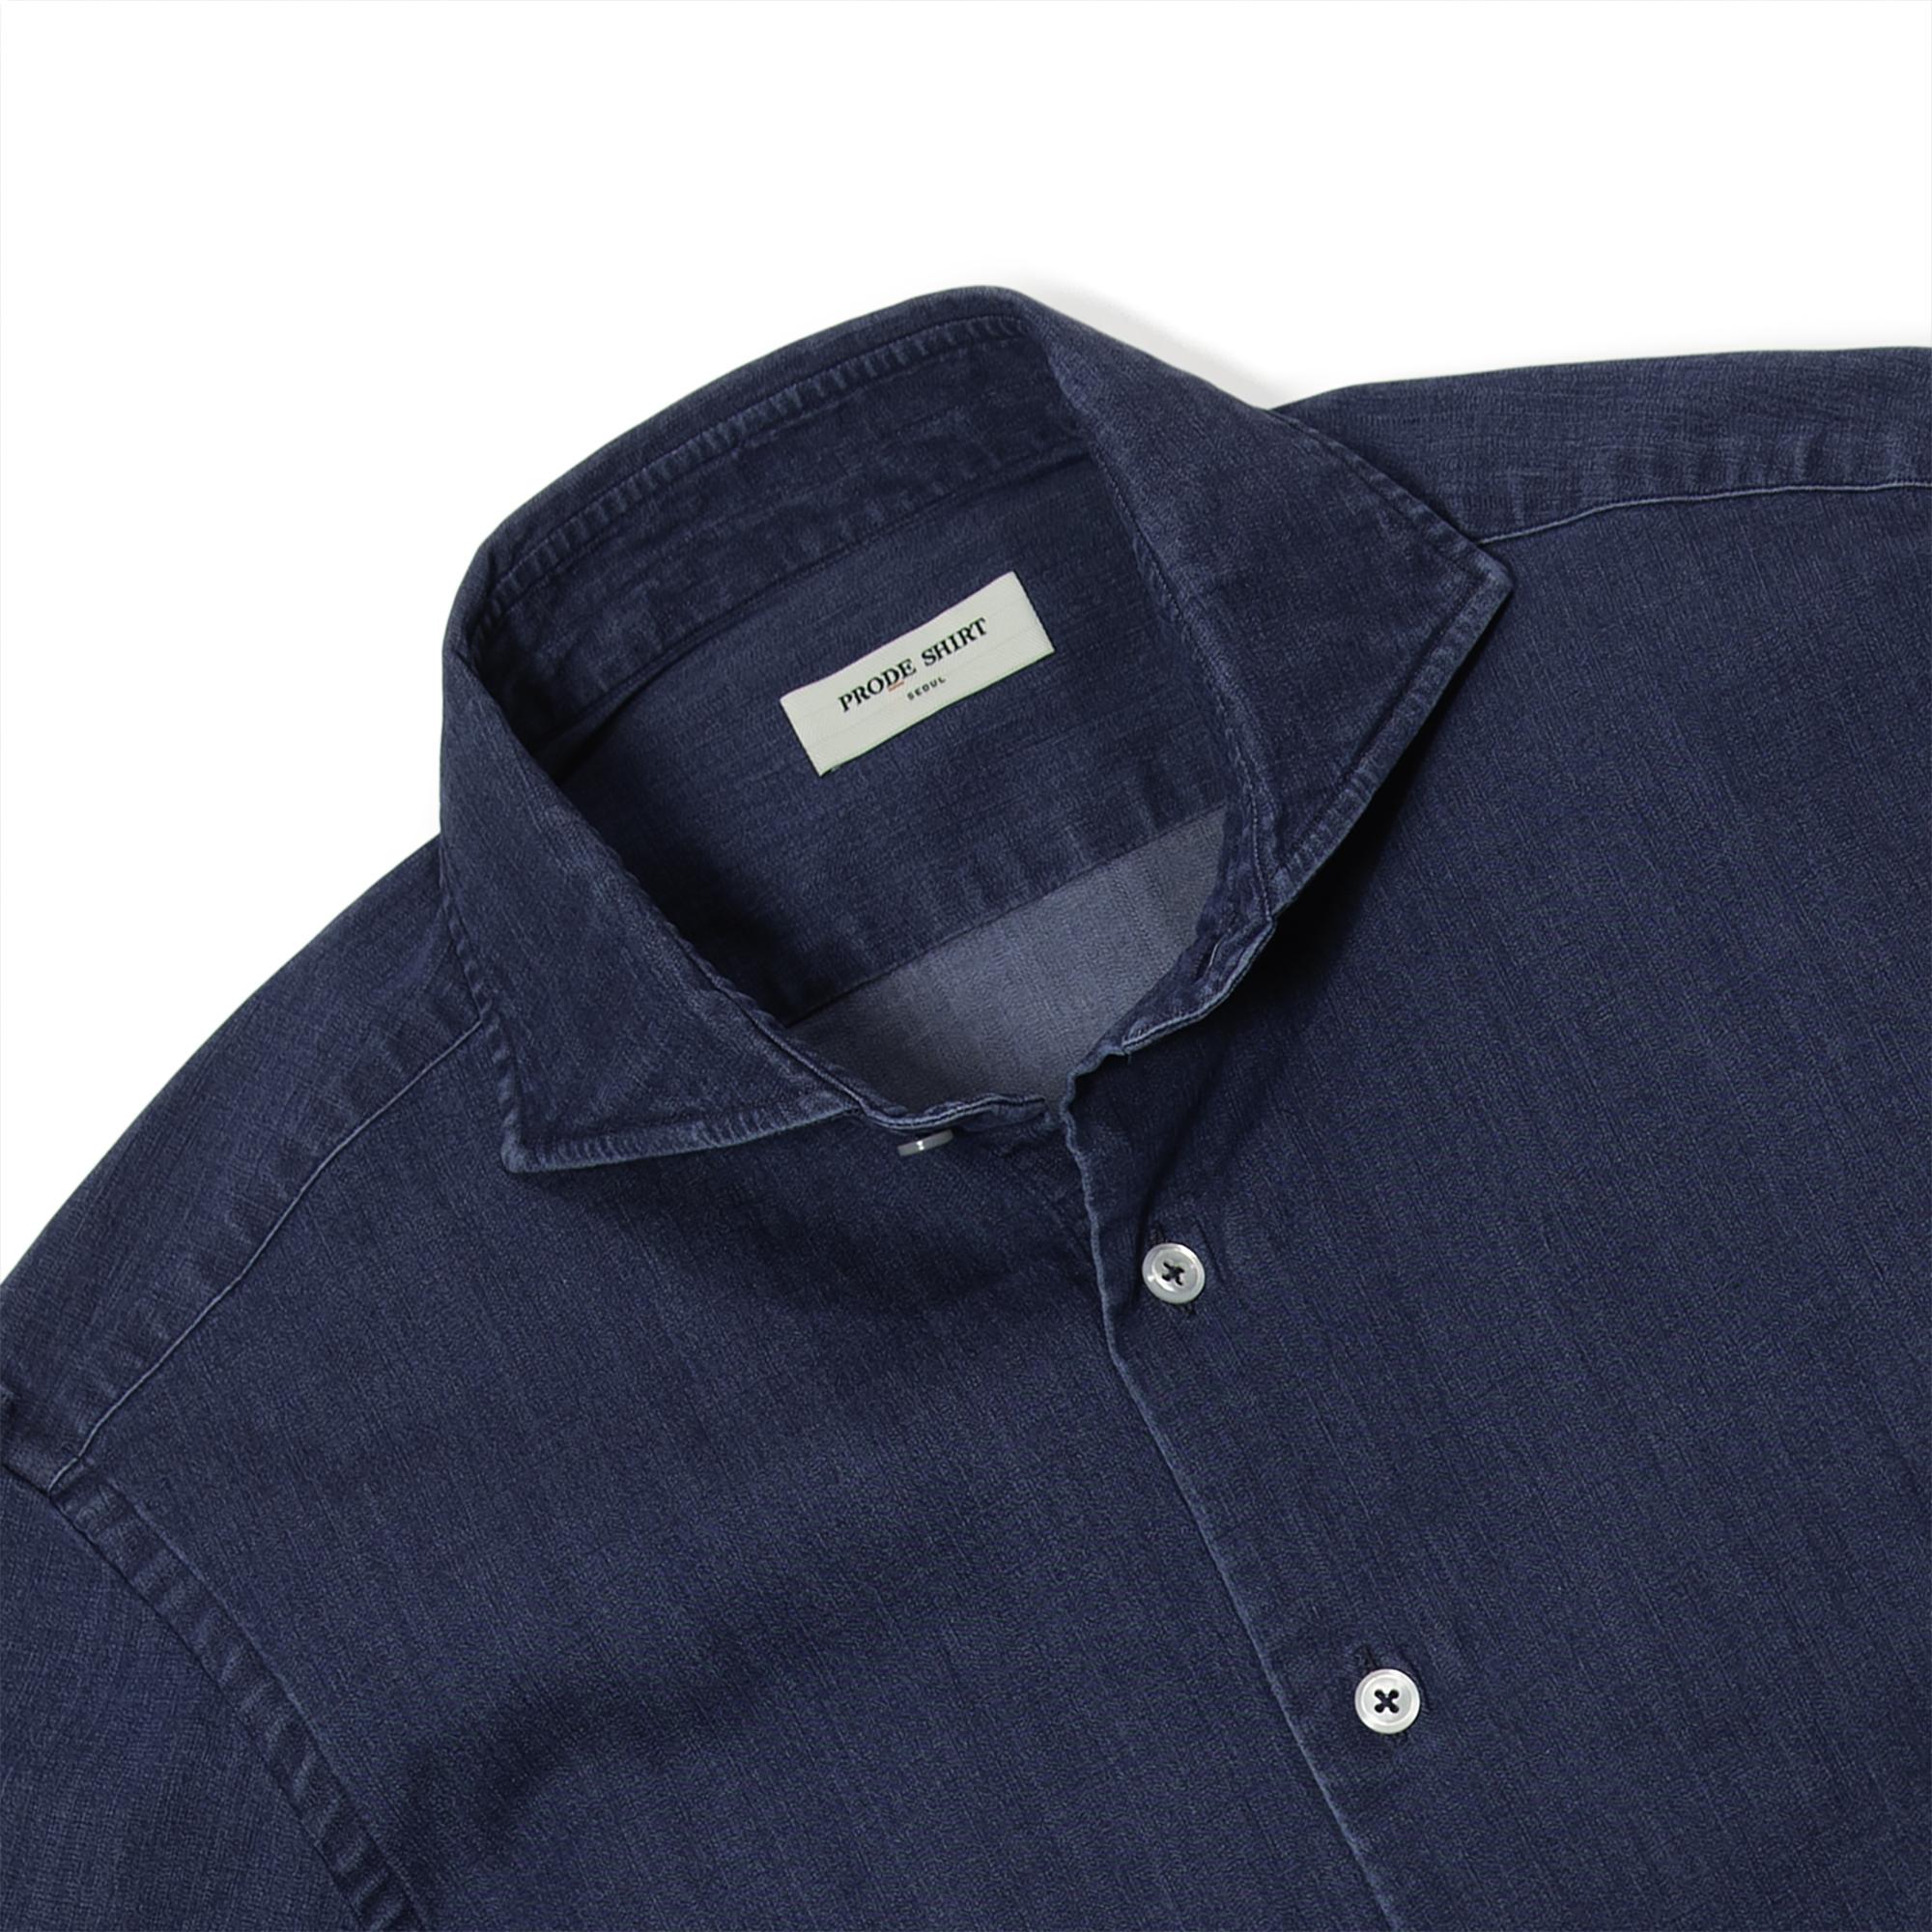 [리퍼브] 데님 와이드카라 셔츠 (BLUE)